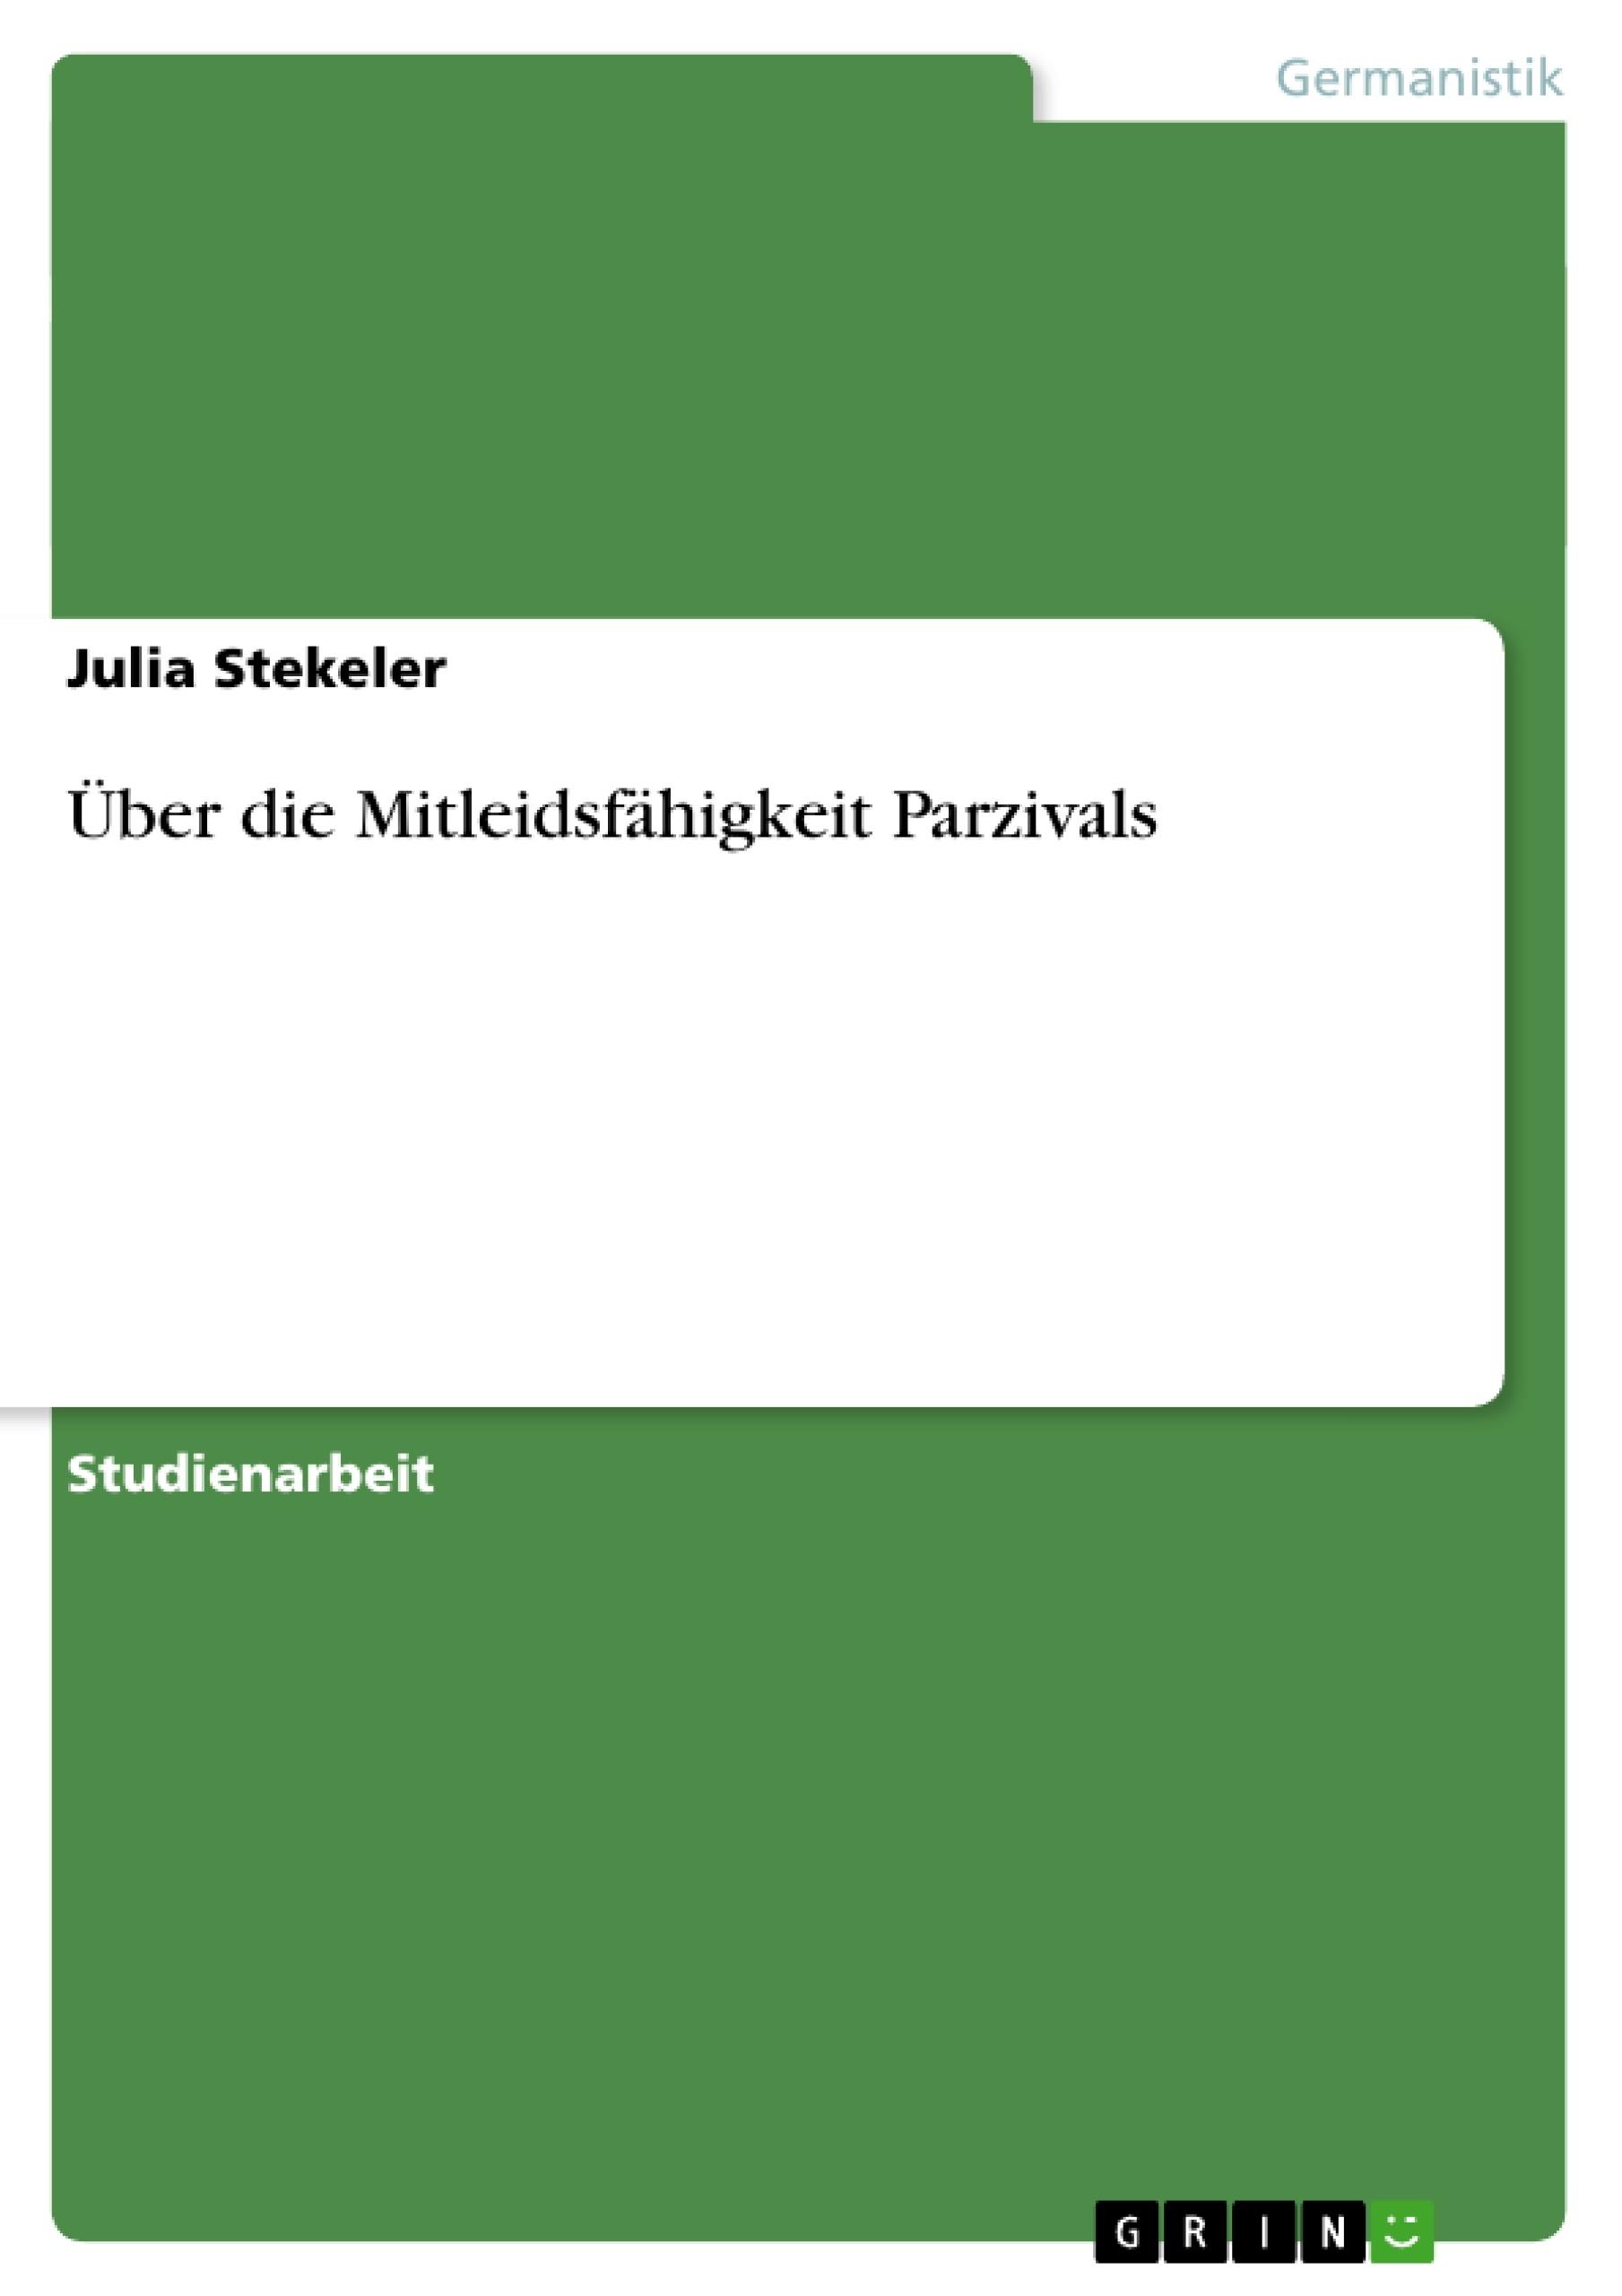 Titel: Über die Mitleidsfähigkeit Parzivals